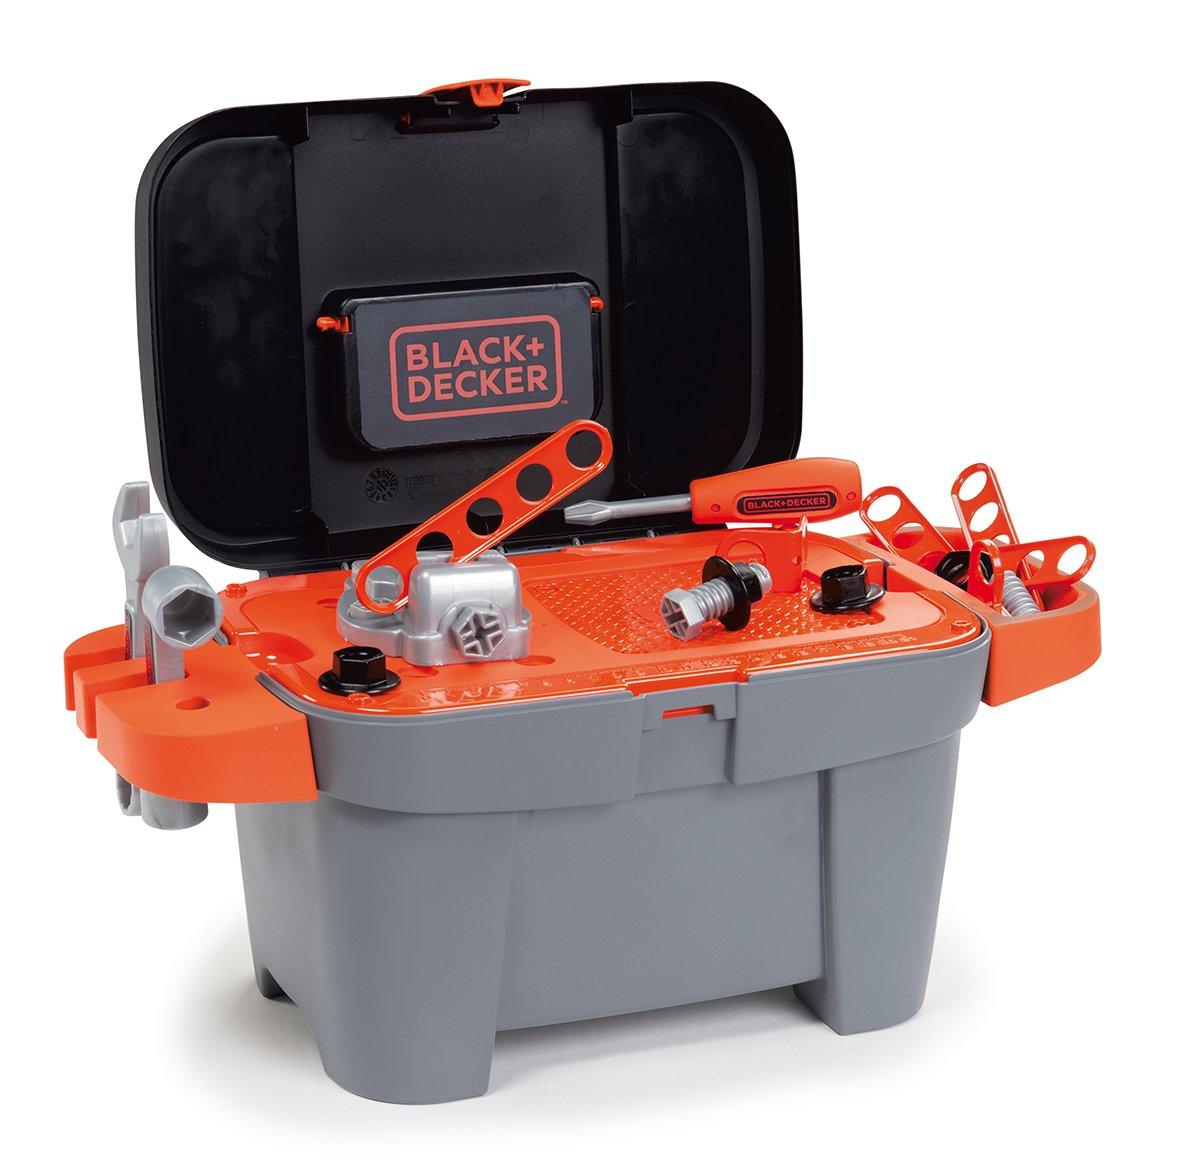 Kinder Werkzeugkoffer - Smoby Black und Decker Werkzeugkoffer